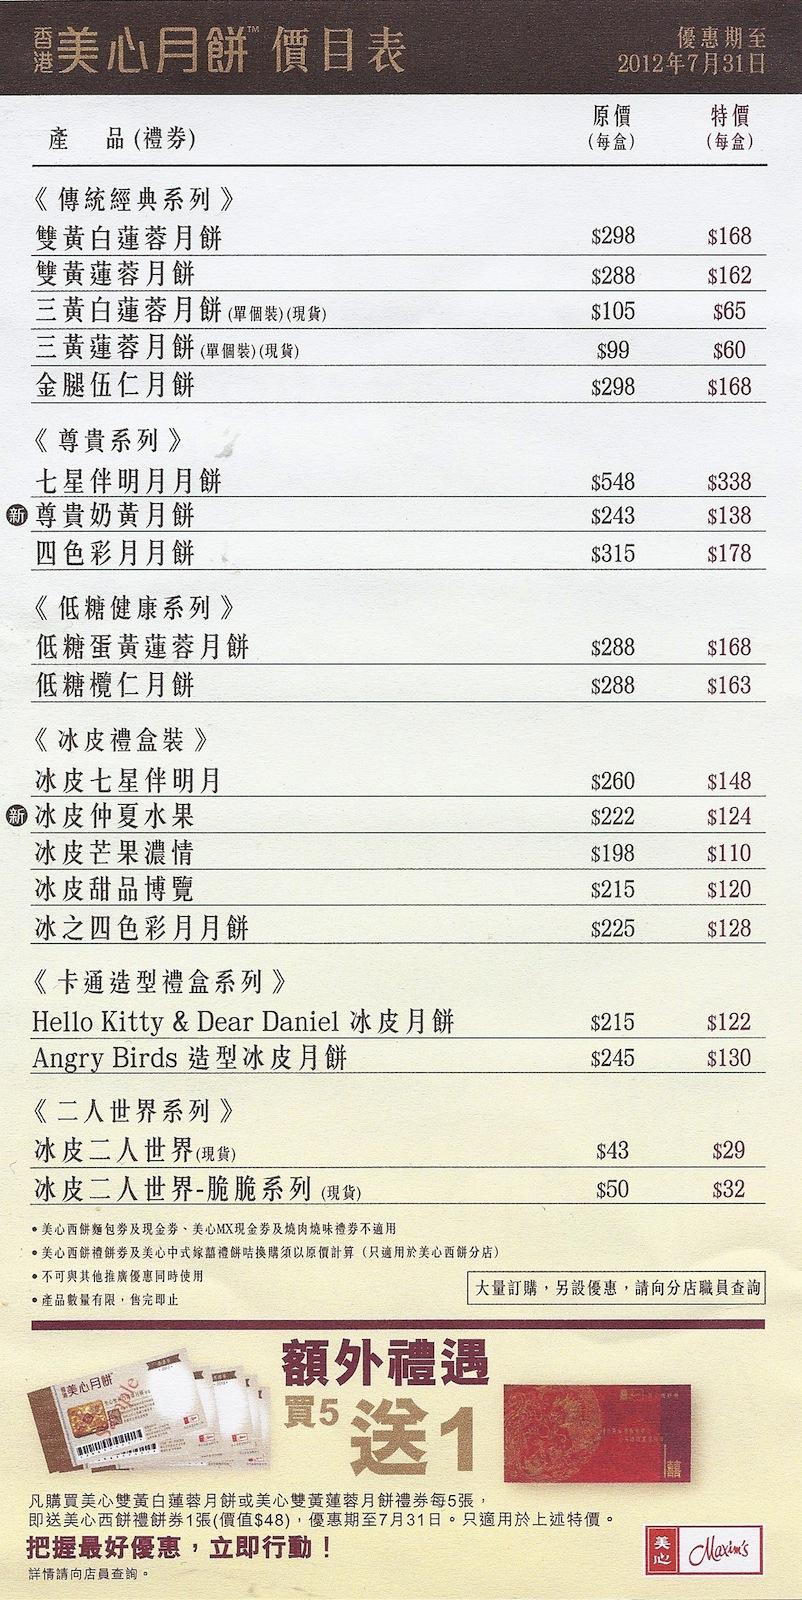 香港中秋月餅 Hong Kong Moon Cake: 2012 月餅: 2012年7月 美心月餅價